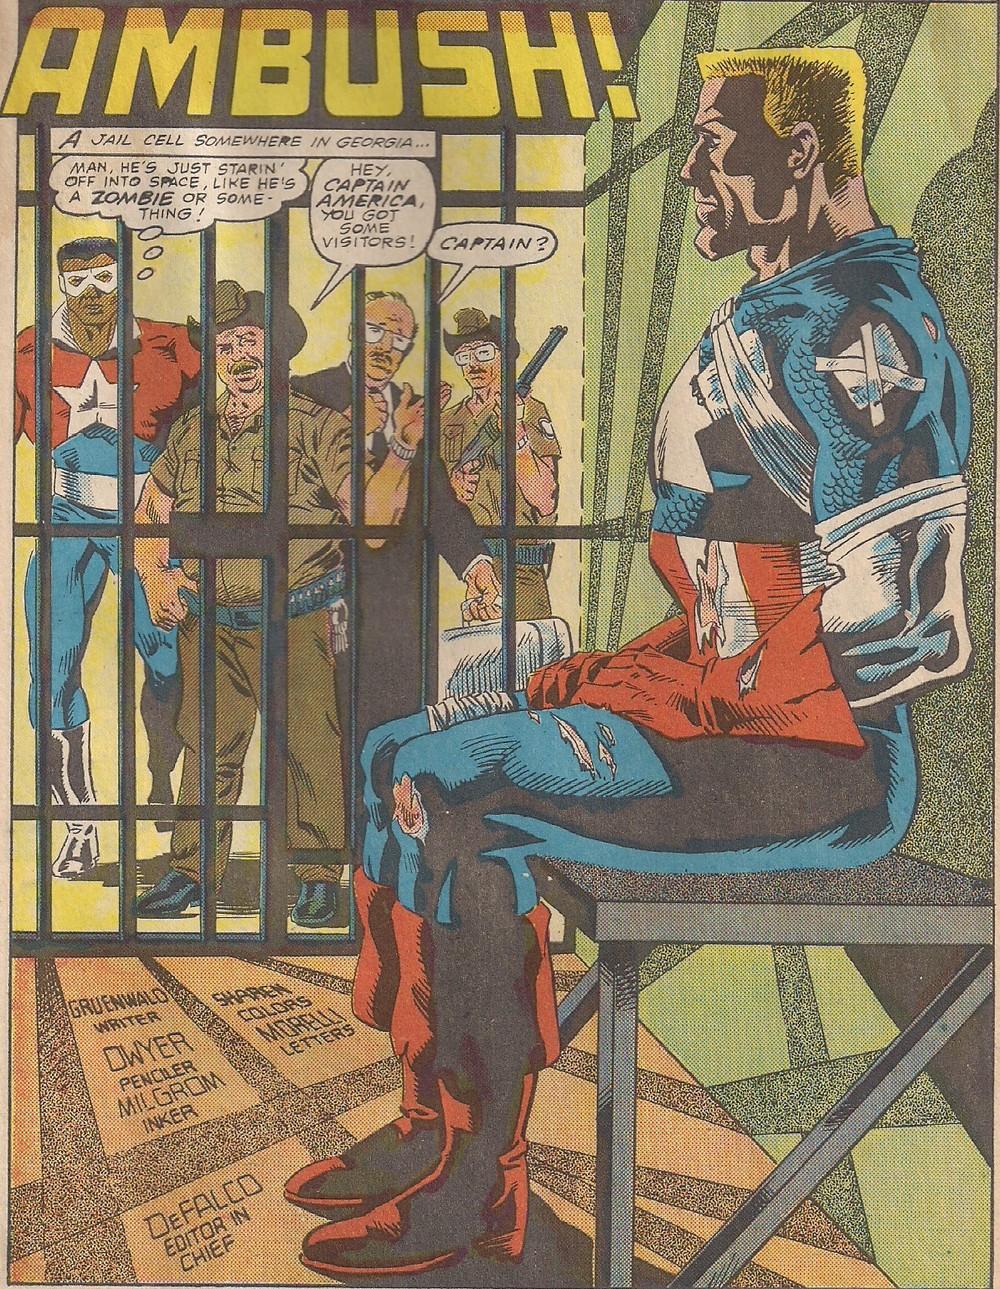 Looks like Captain America has been taken in by Boss Hogg